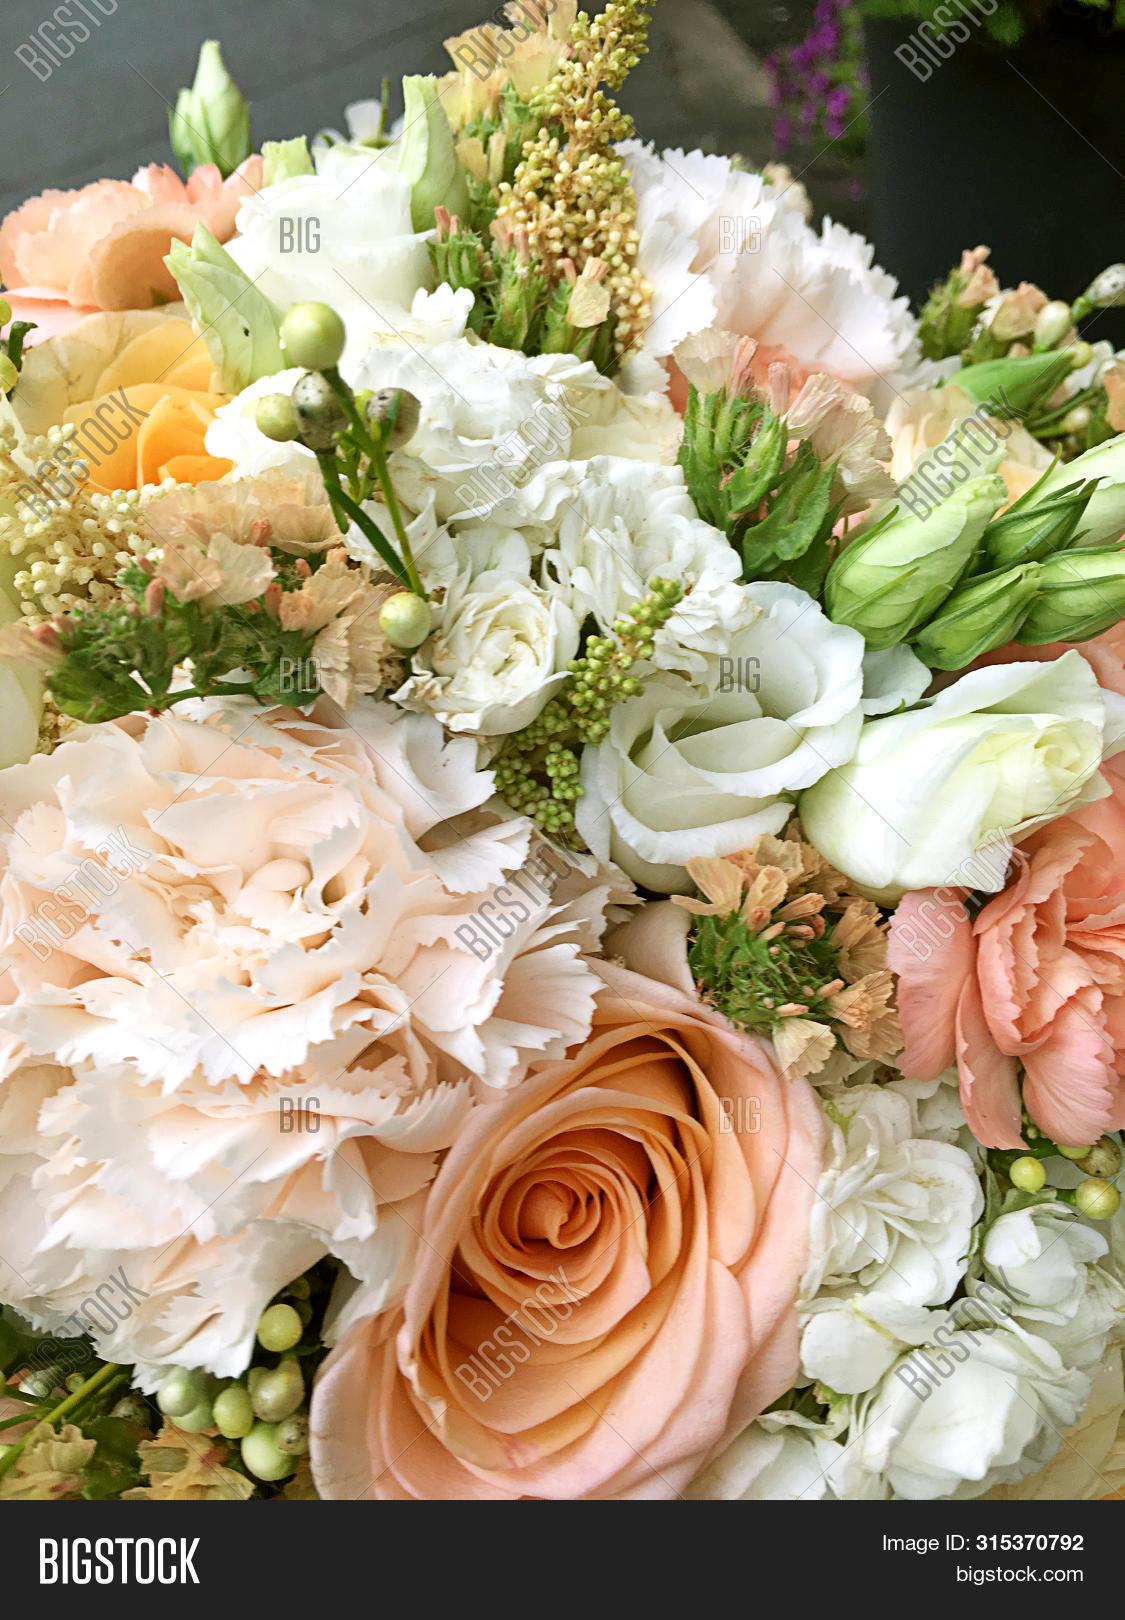 Wedding Bouquet Fresh Image Photo